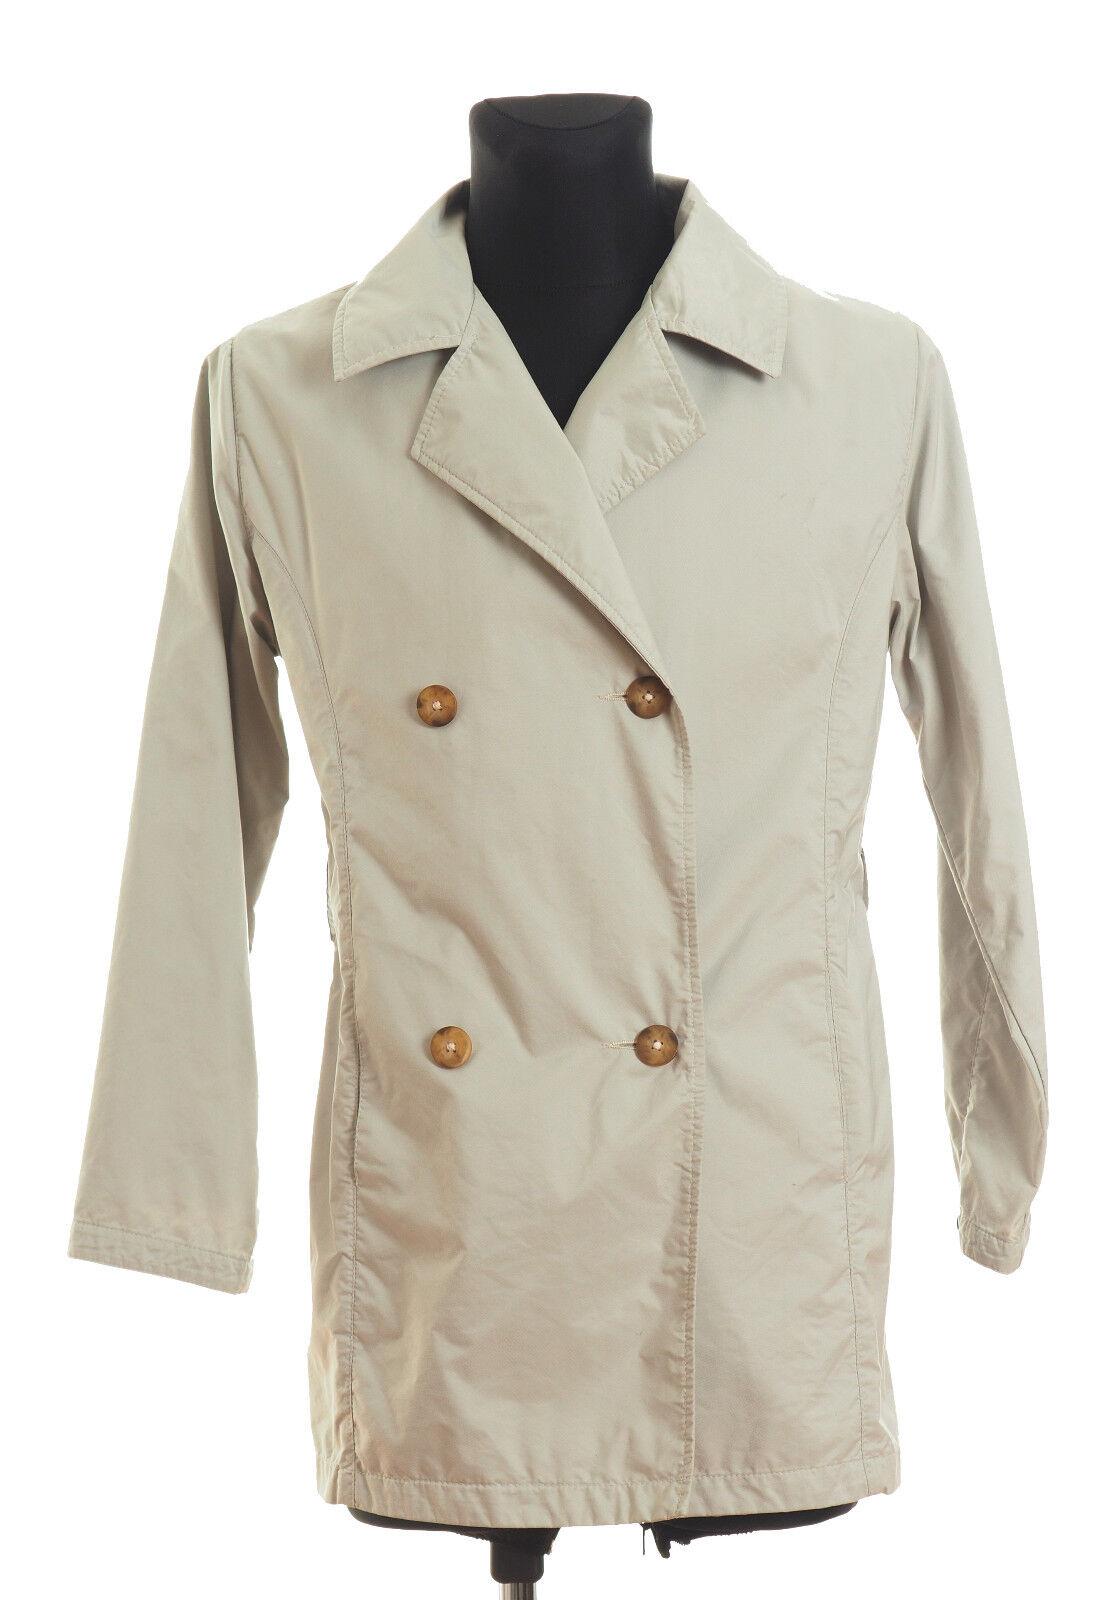 HENRI LLOYD Men's Cream Raincoat Size XS